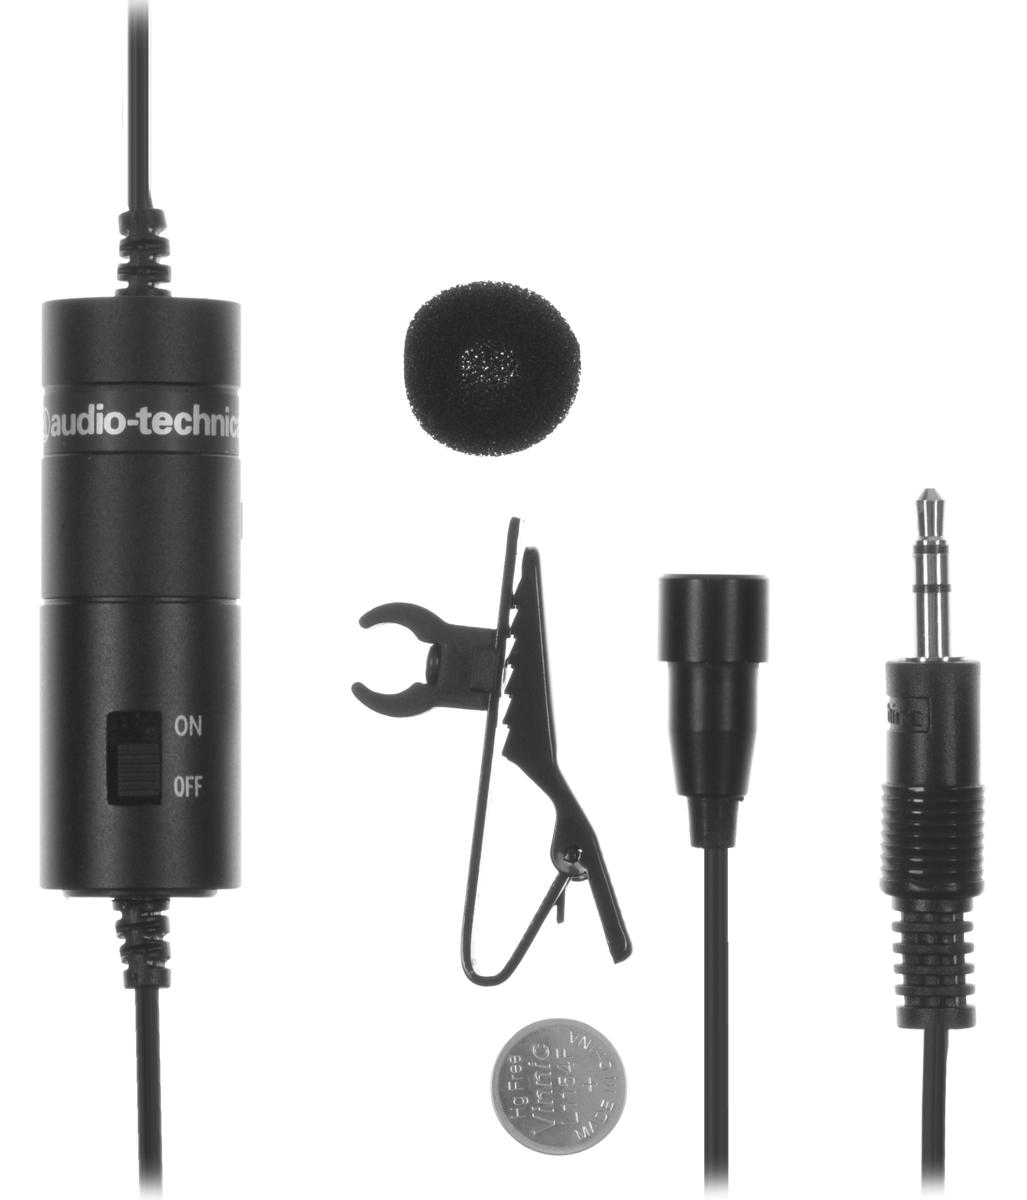 Микрофон Audio-Technica ATR-3350, Black цена и фото